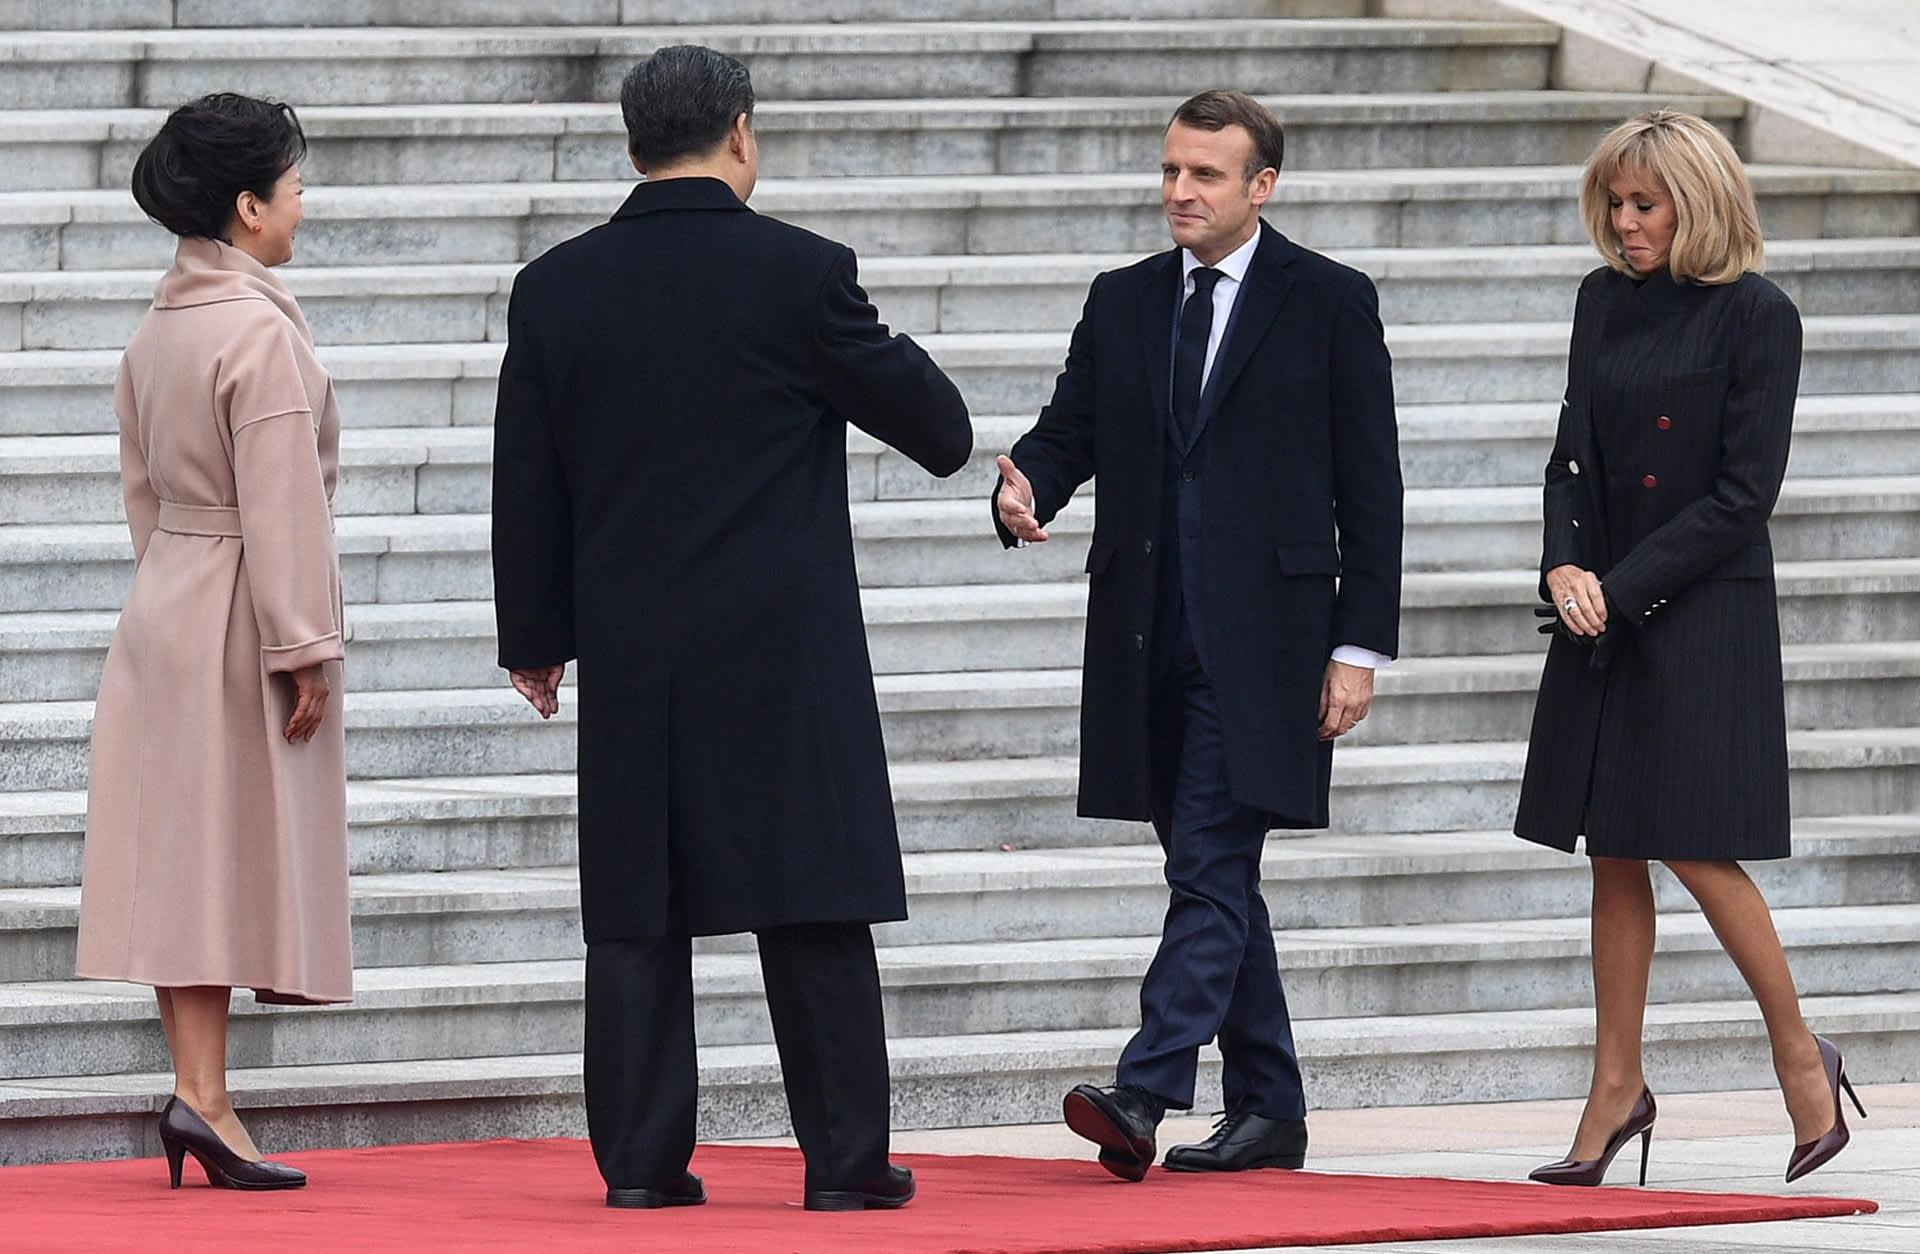 Xi Jinping ja Emmanuel Macron tapasivat Pekingissä keskiviikkona. Mukana tapaamisessa olivat presidenttien vaimot Peng Liyuan (vas.) sekä Brigitte Macron.